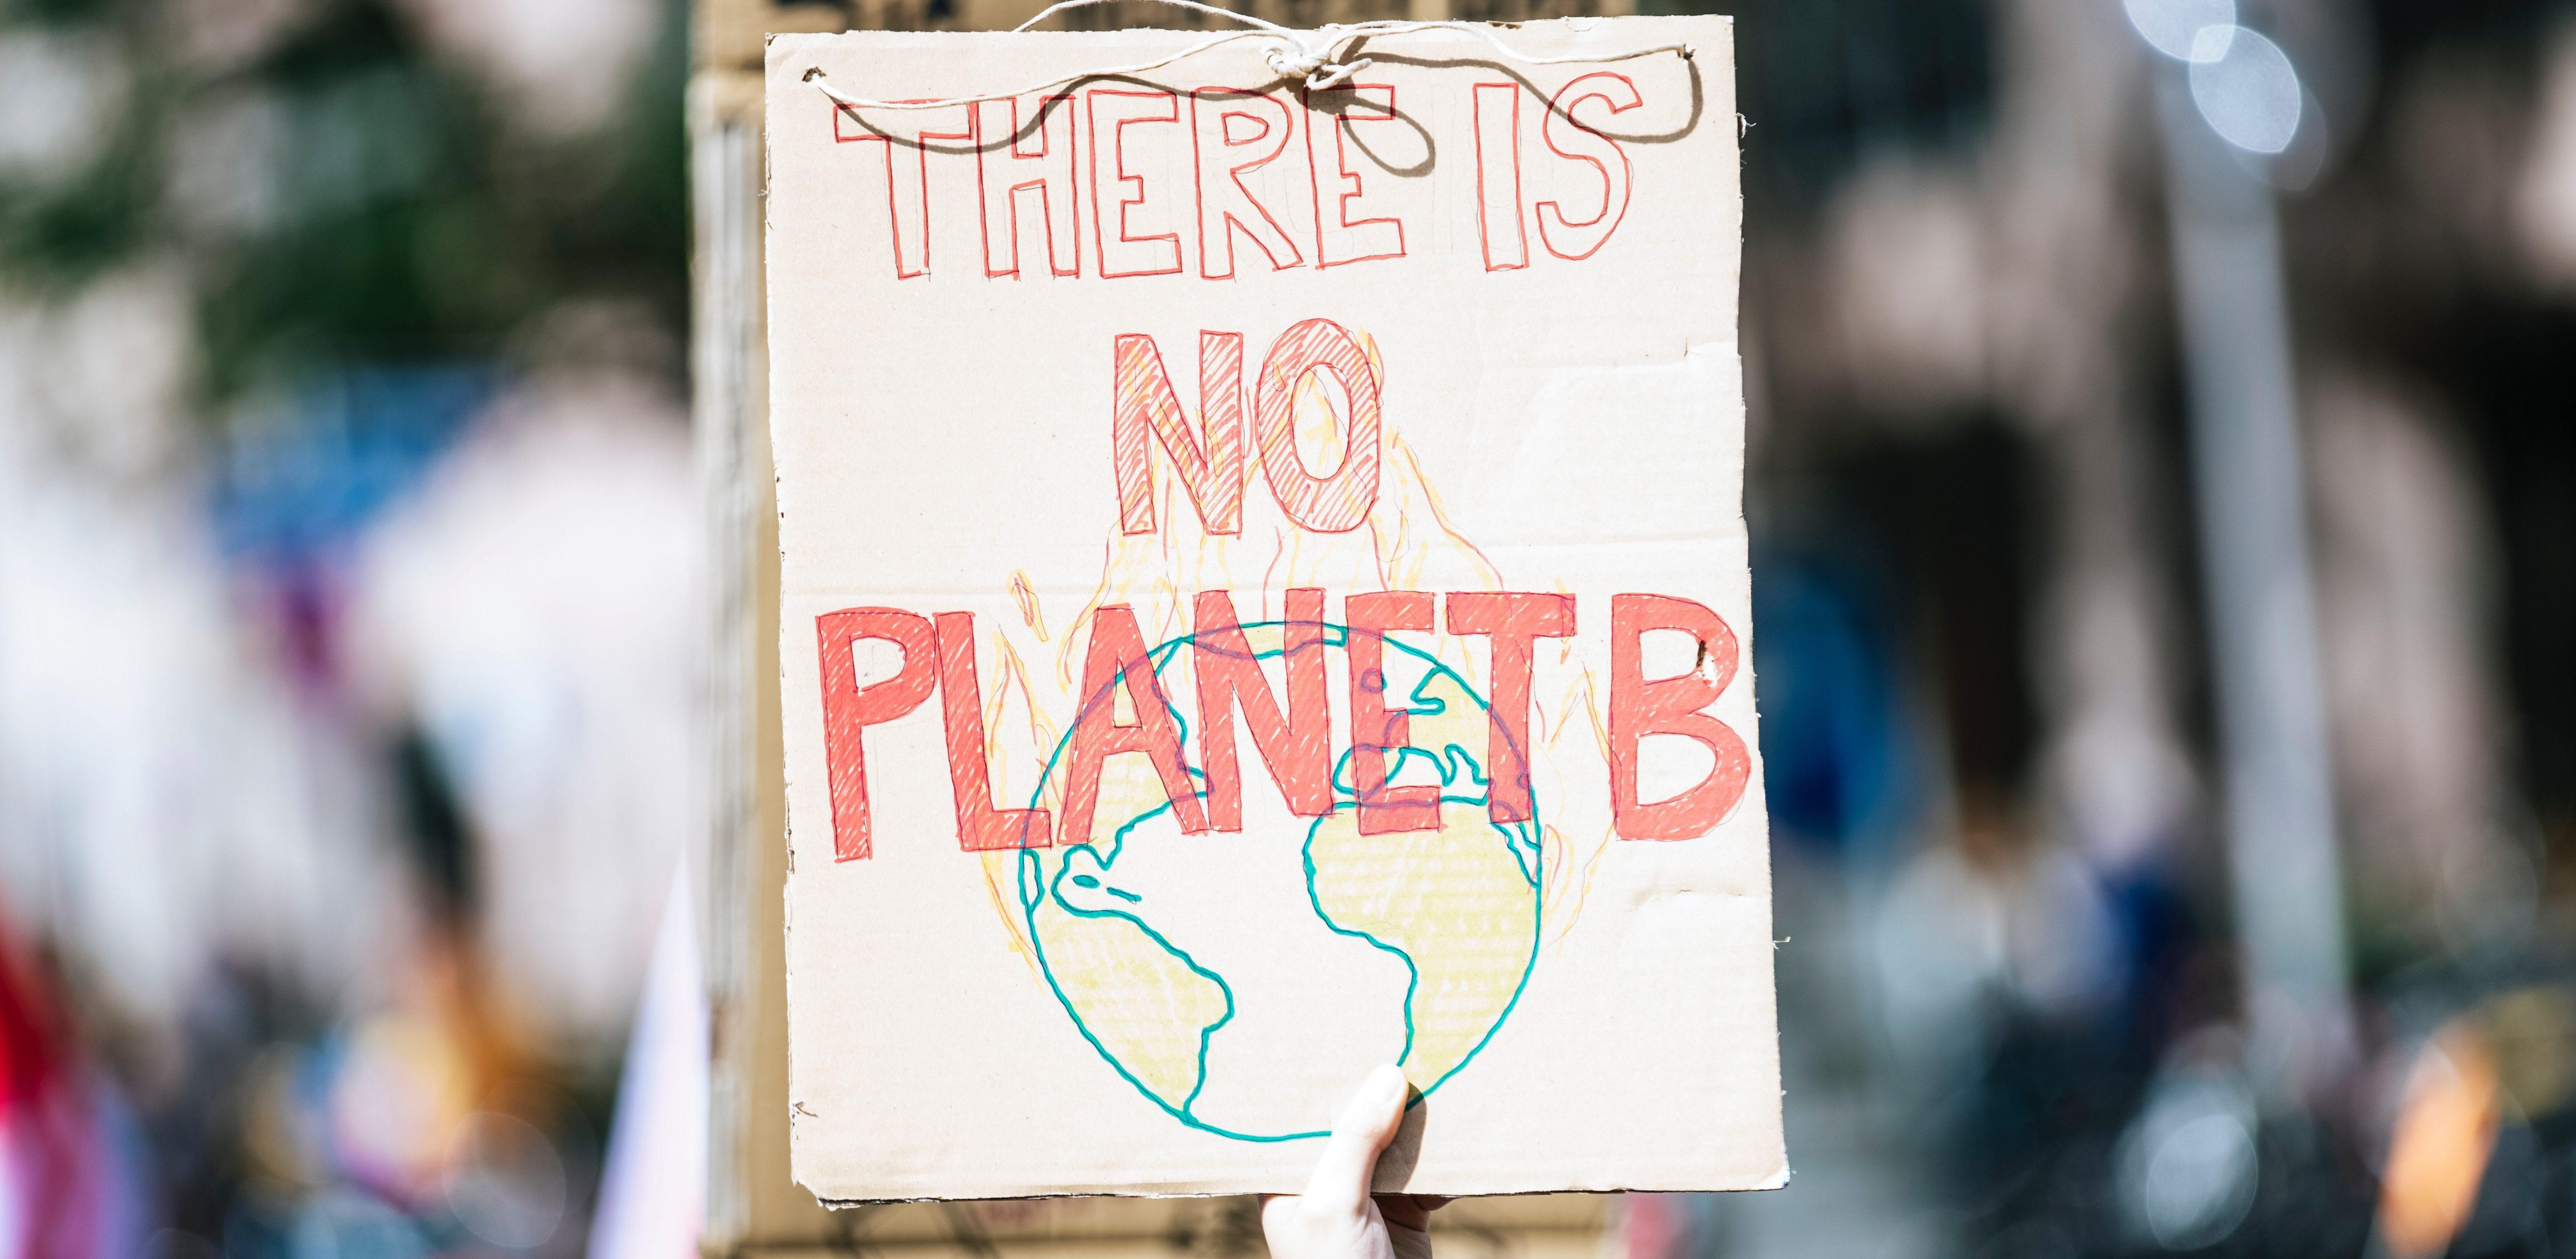 """Događaji koji se dešavaju kao deo Globalnog klimatskog štrajka na videlo su izneli problem """"ekološke anksioznosti""""."""